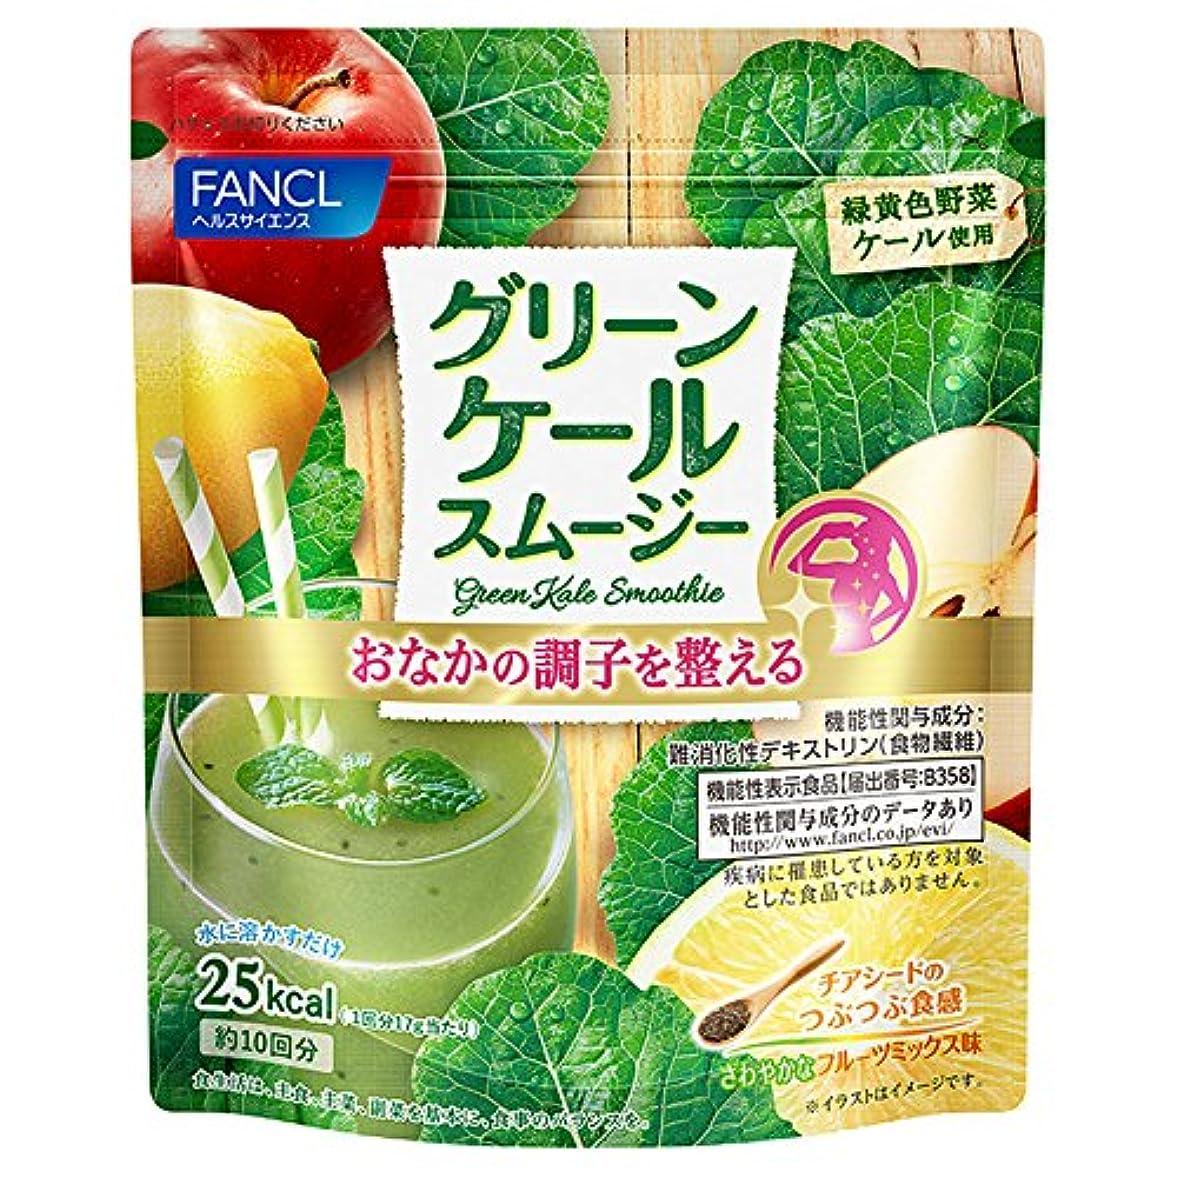 甘くする入手します受取人ファンケル(FANCL) グリーンケールスムージー約10回分 1袋(170g)